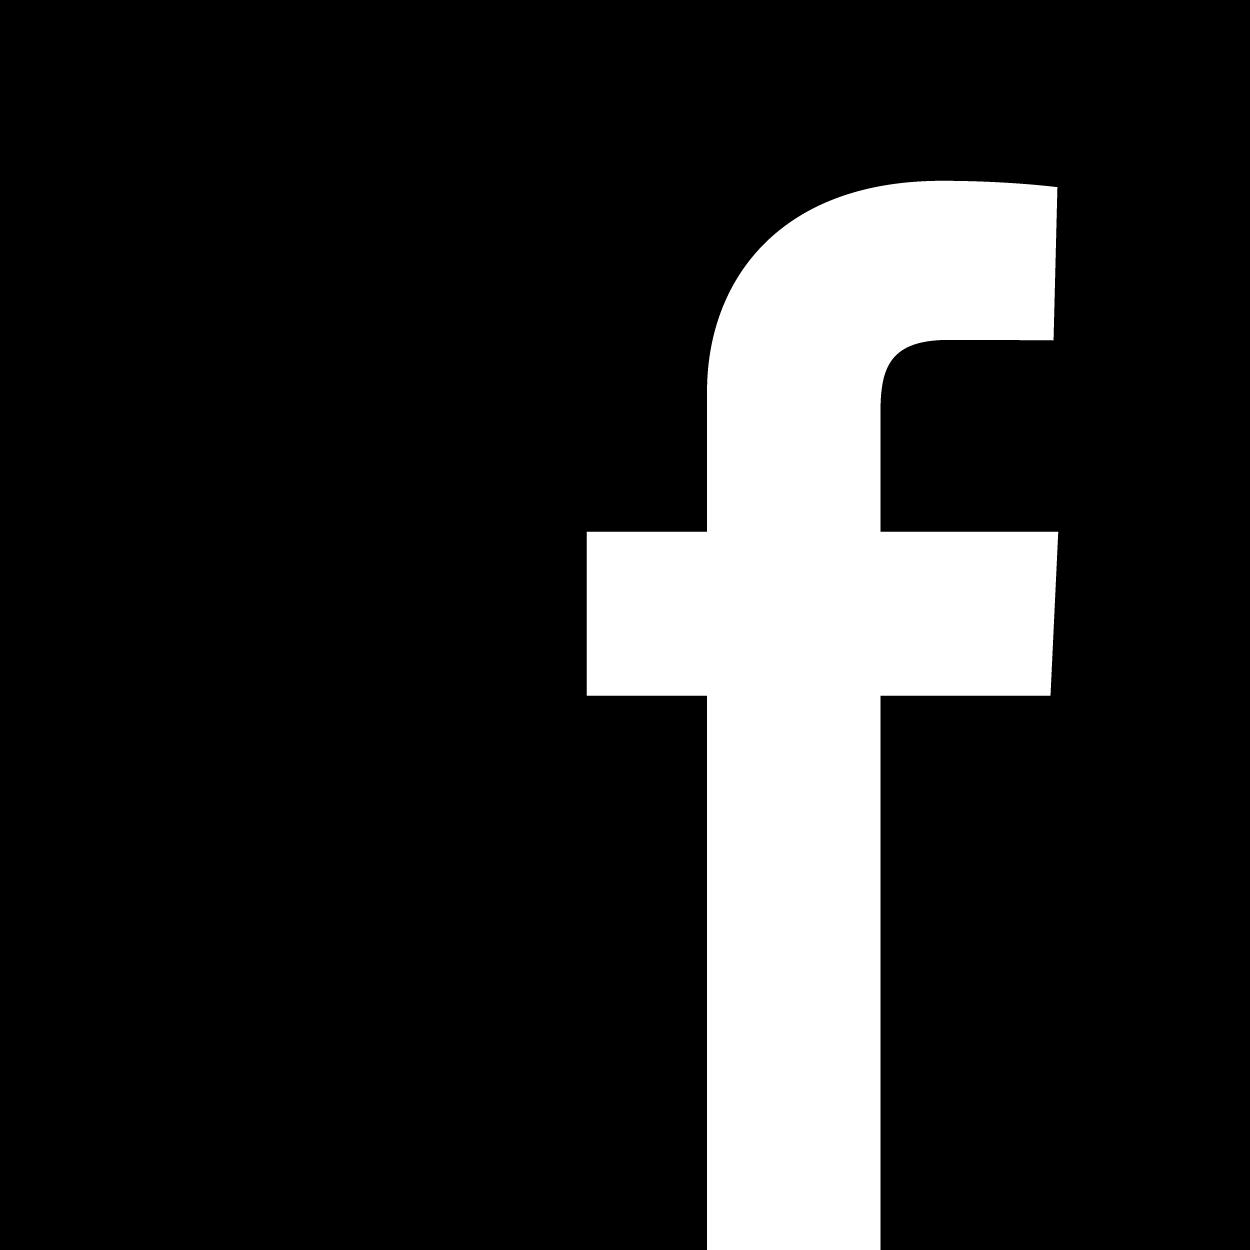 Facebook_Logo 02_Black_Square.png